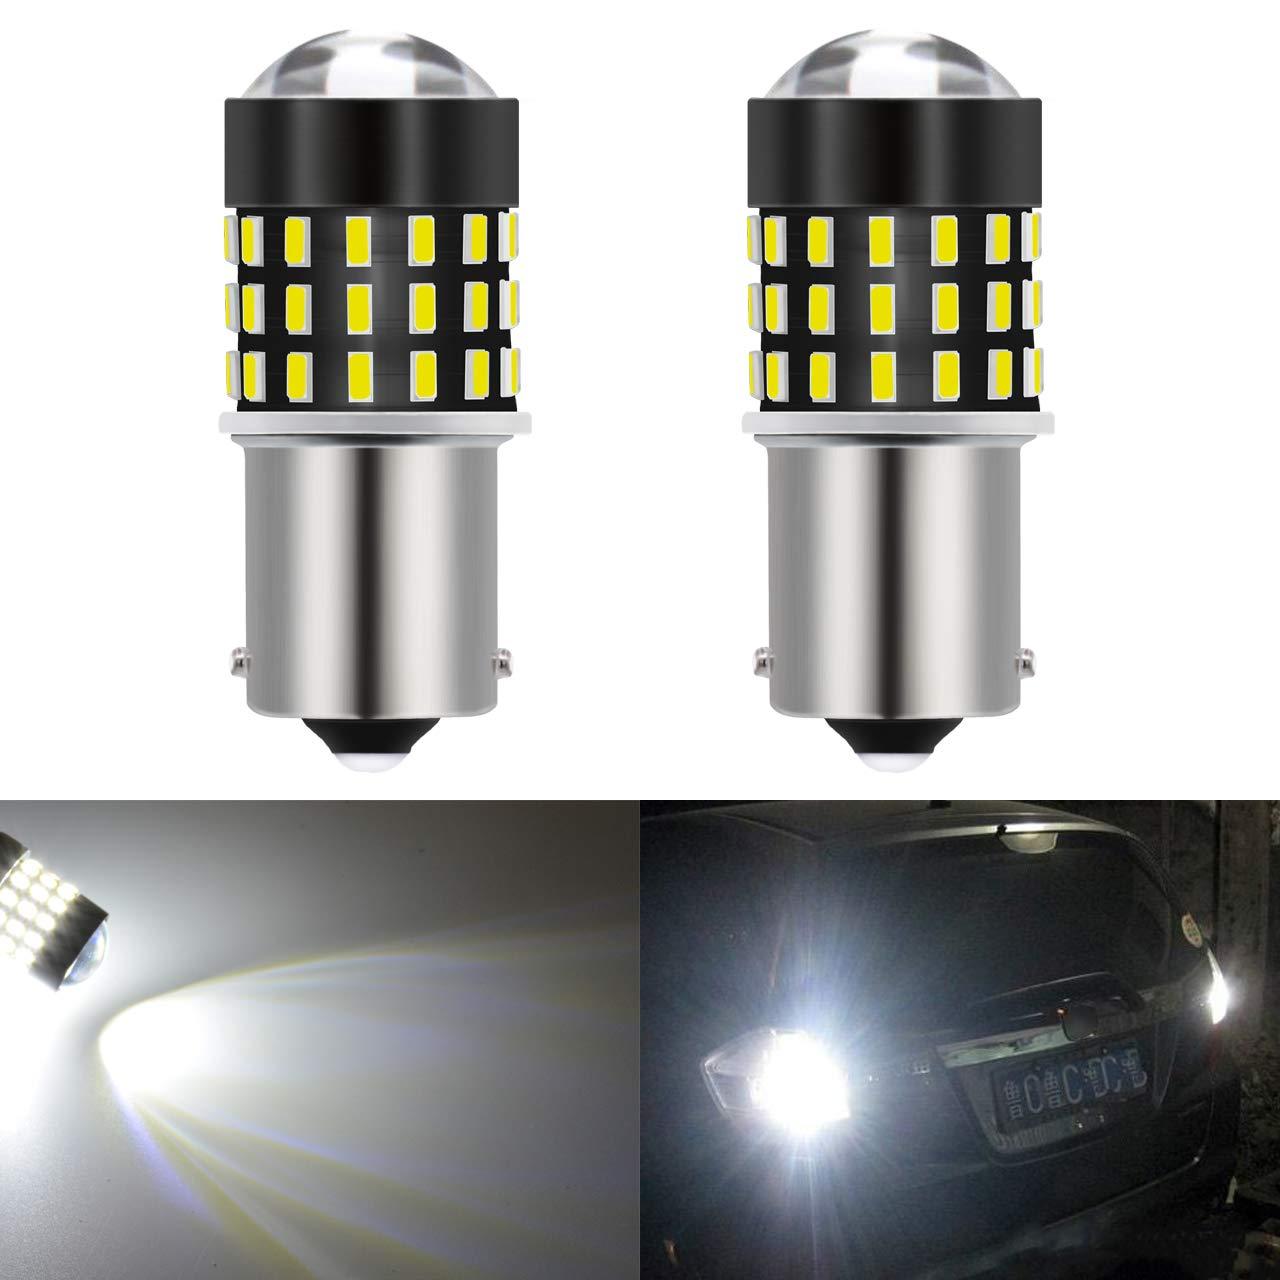 KaTur 2Pcs Super Lumineux 1156BA15S 7506107310951141301454smd Objectif LED Les Ampoules de Rechange Queue de Signal de Frein Arrière à Feux de Stop Parking RV 3.1W DC 12V Blanc